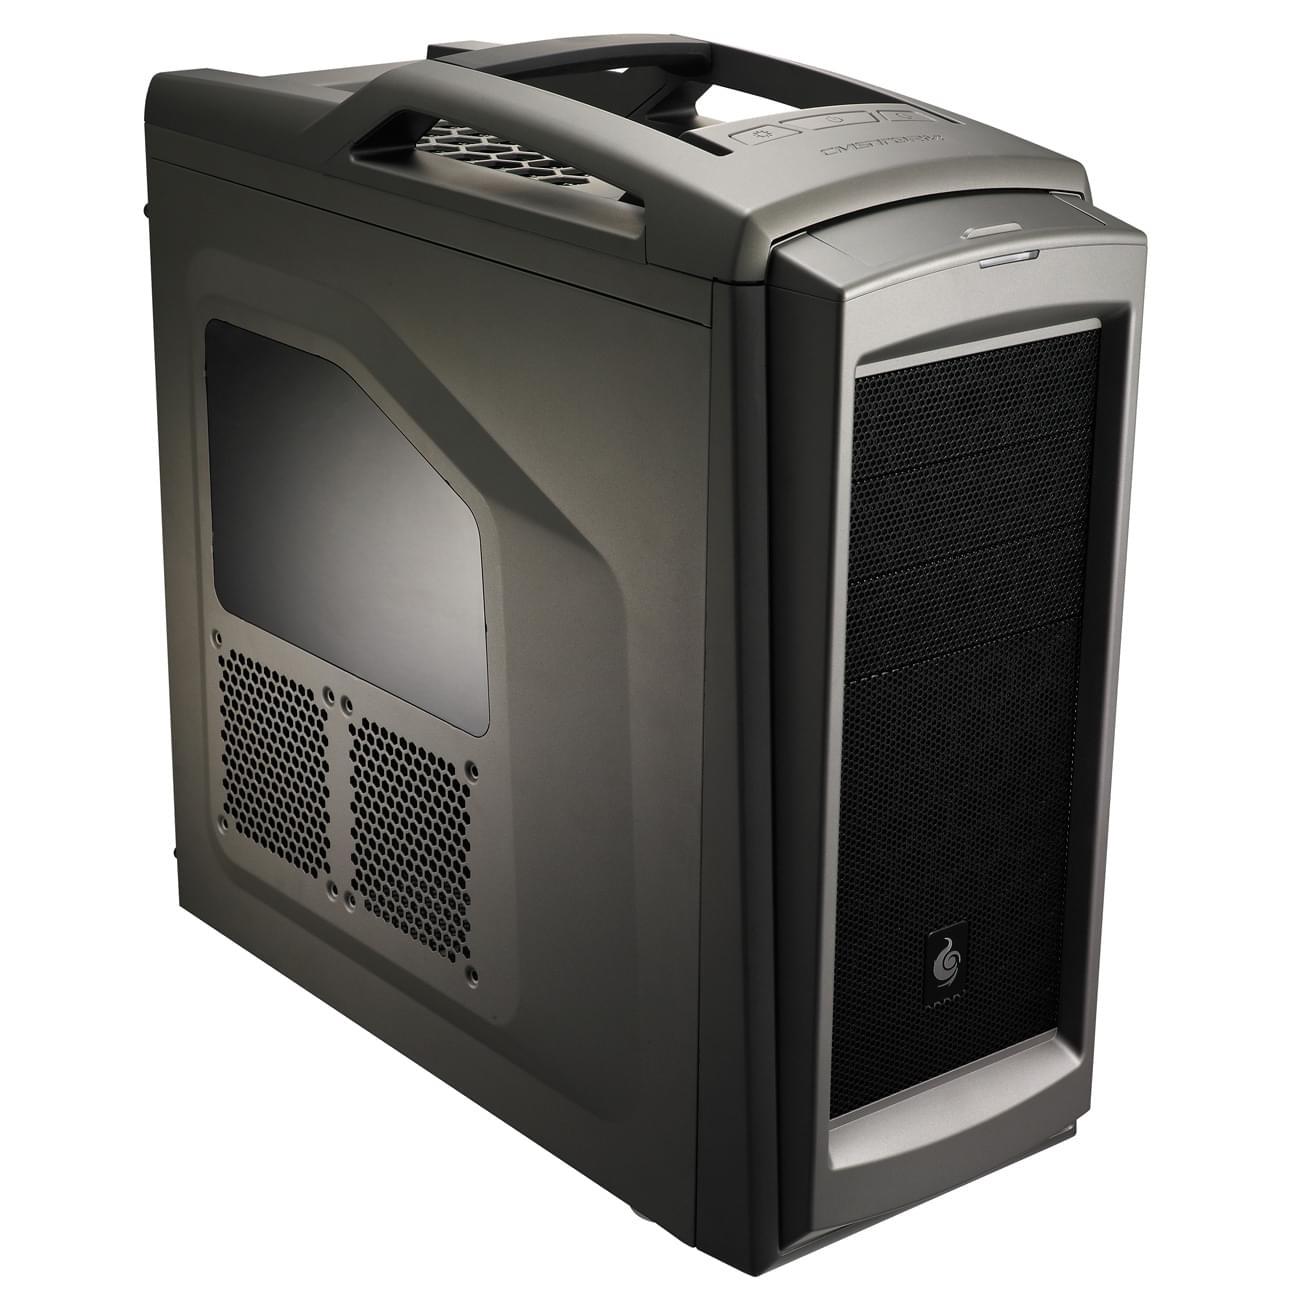 Cooler Master Storm Scout 2 GM SGC-2100-GWN1 -MT/Sans Alim/ATX - Boîtier PC Acier - Sans Alim - 0